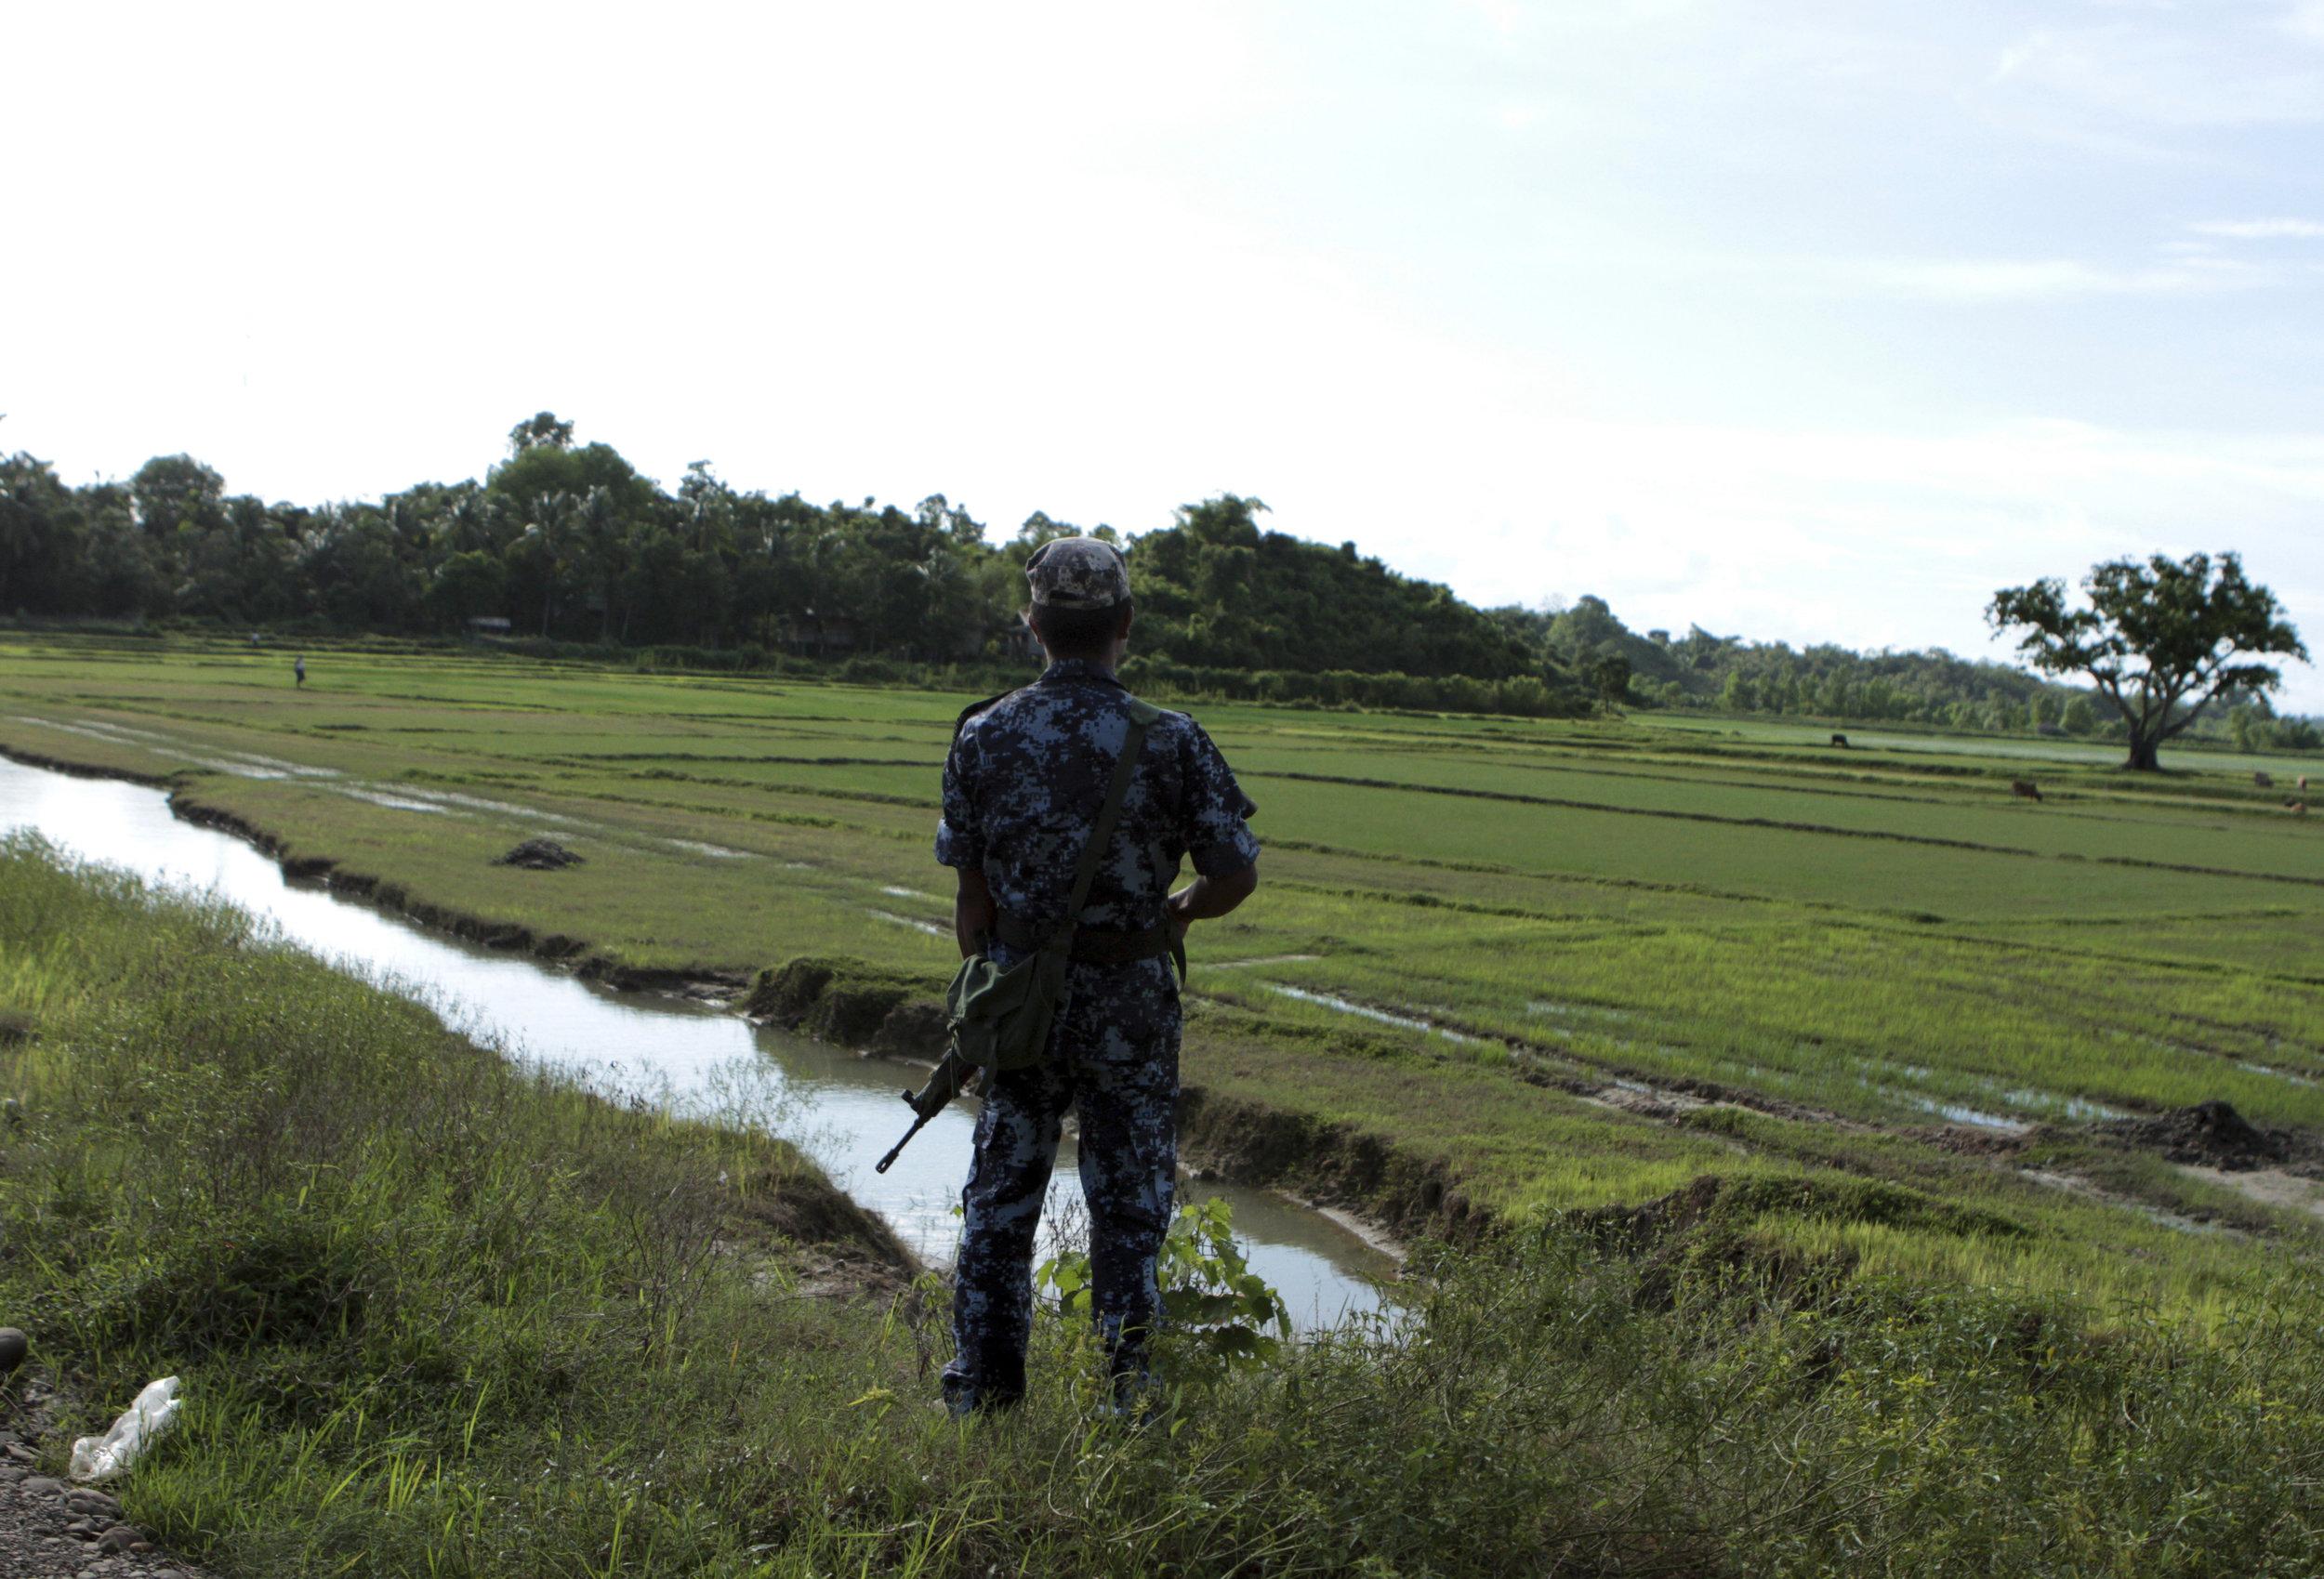 Police officer in Rakhine state, Myanmar. Photo Credit: Min Kyi Thein/AP Photo.